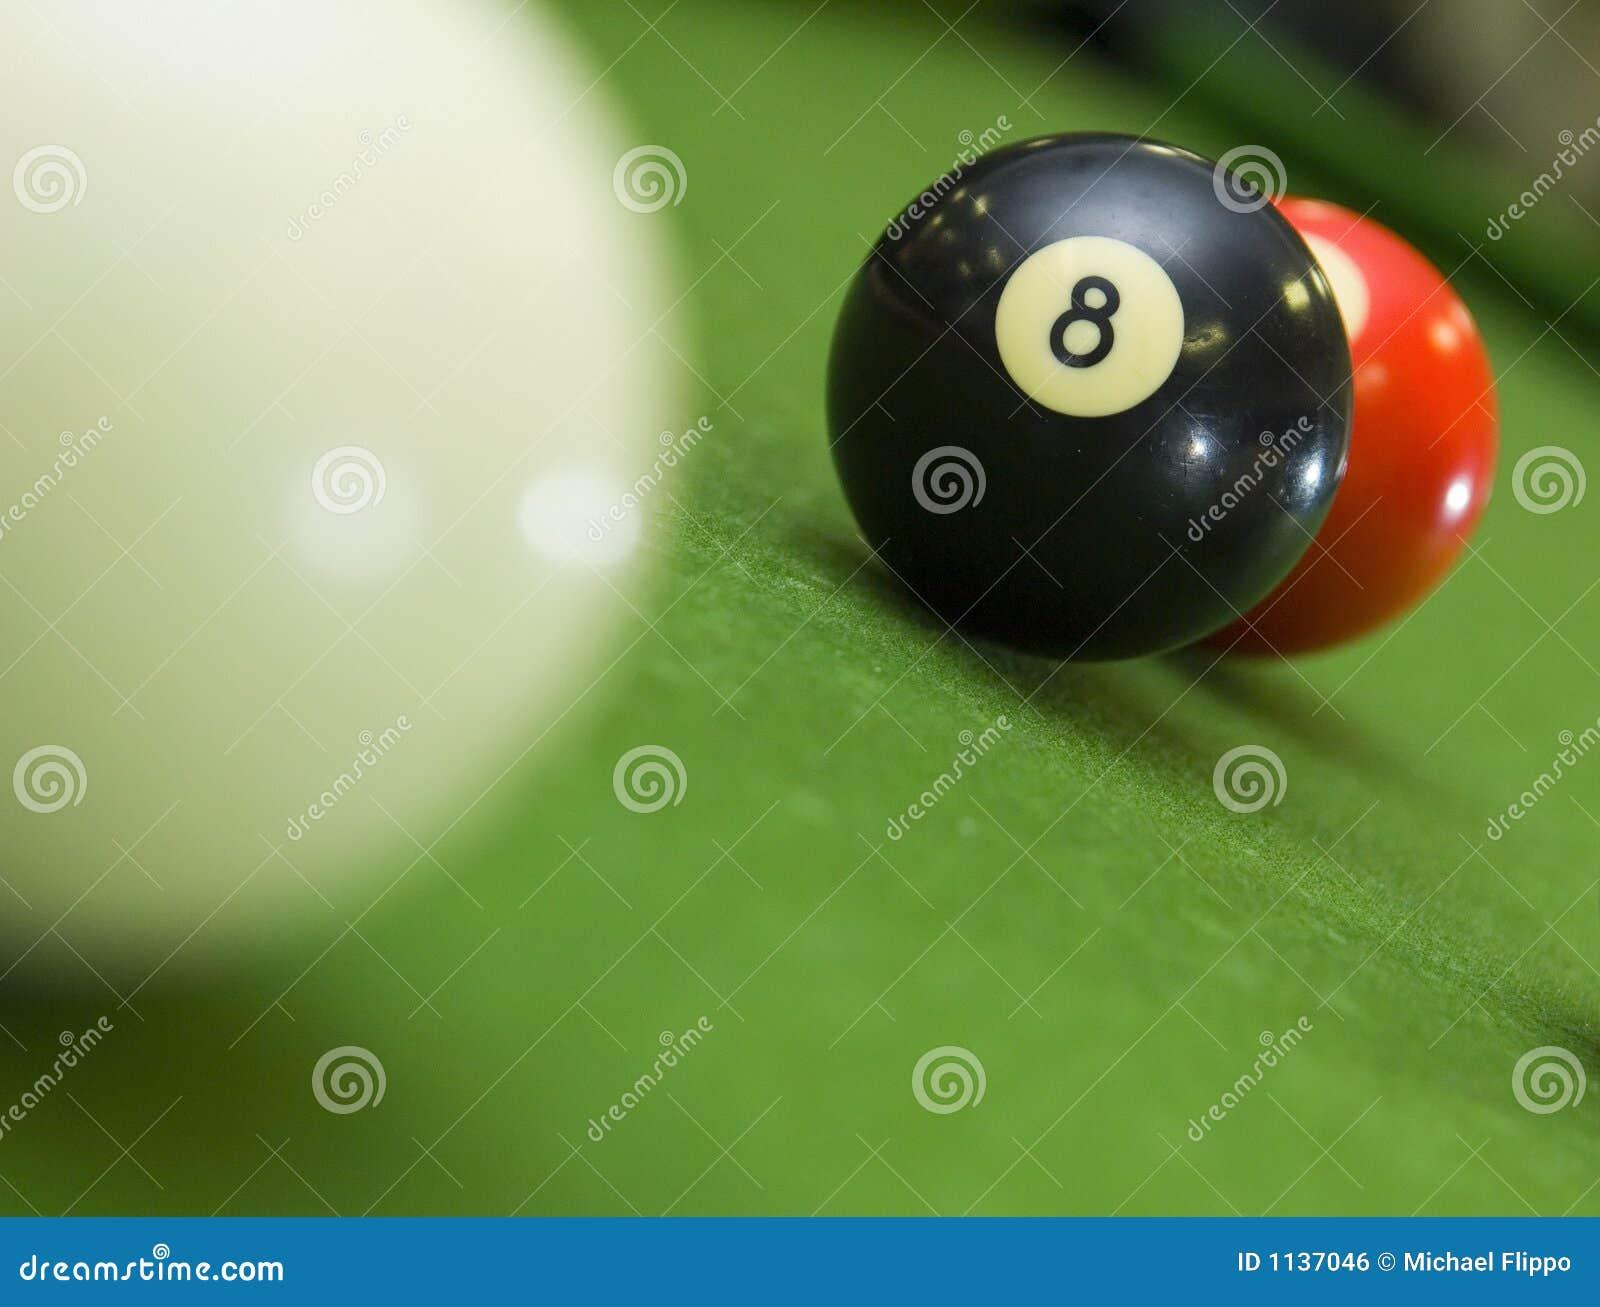 8在卡住之后的球